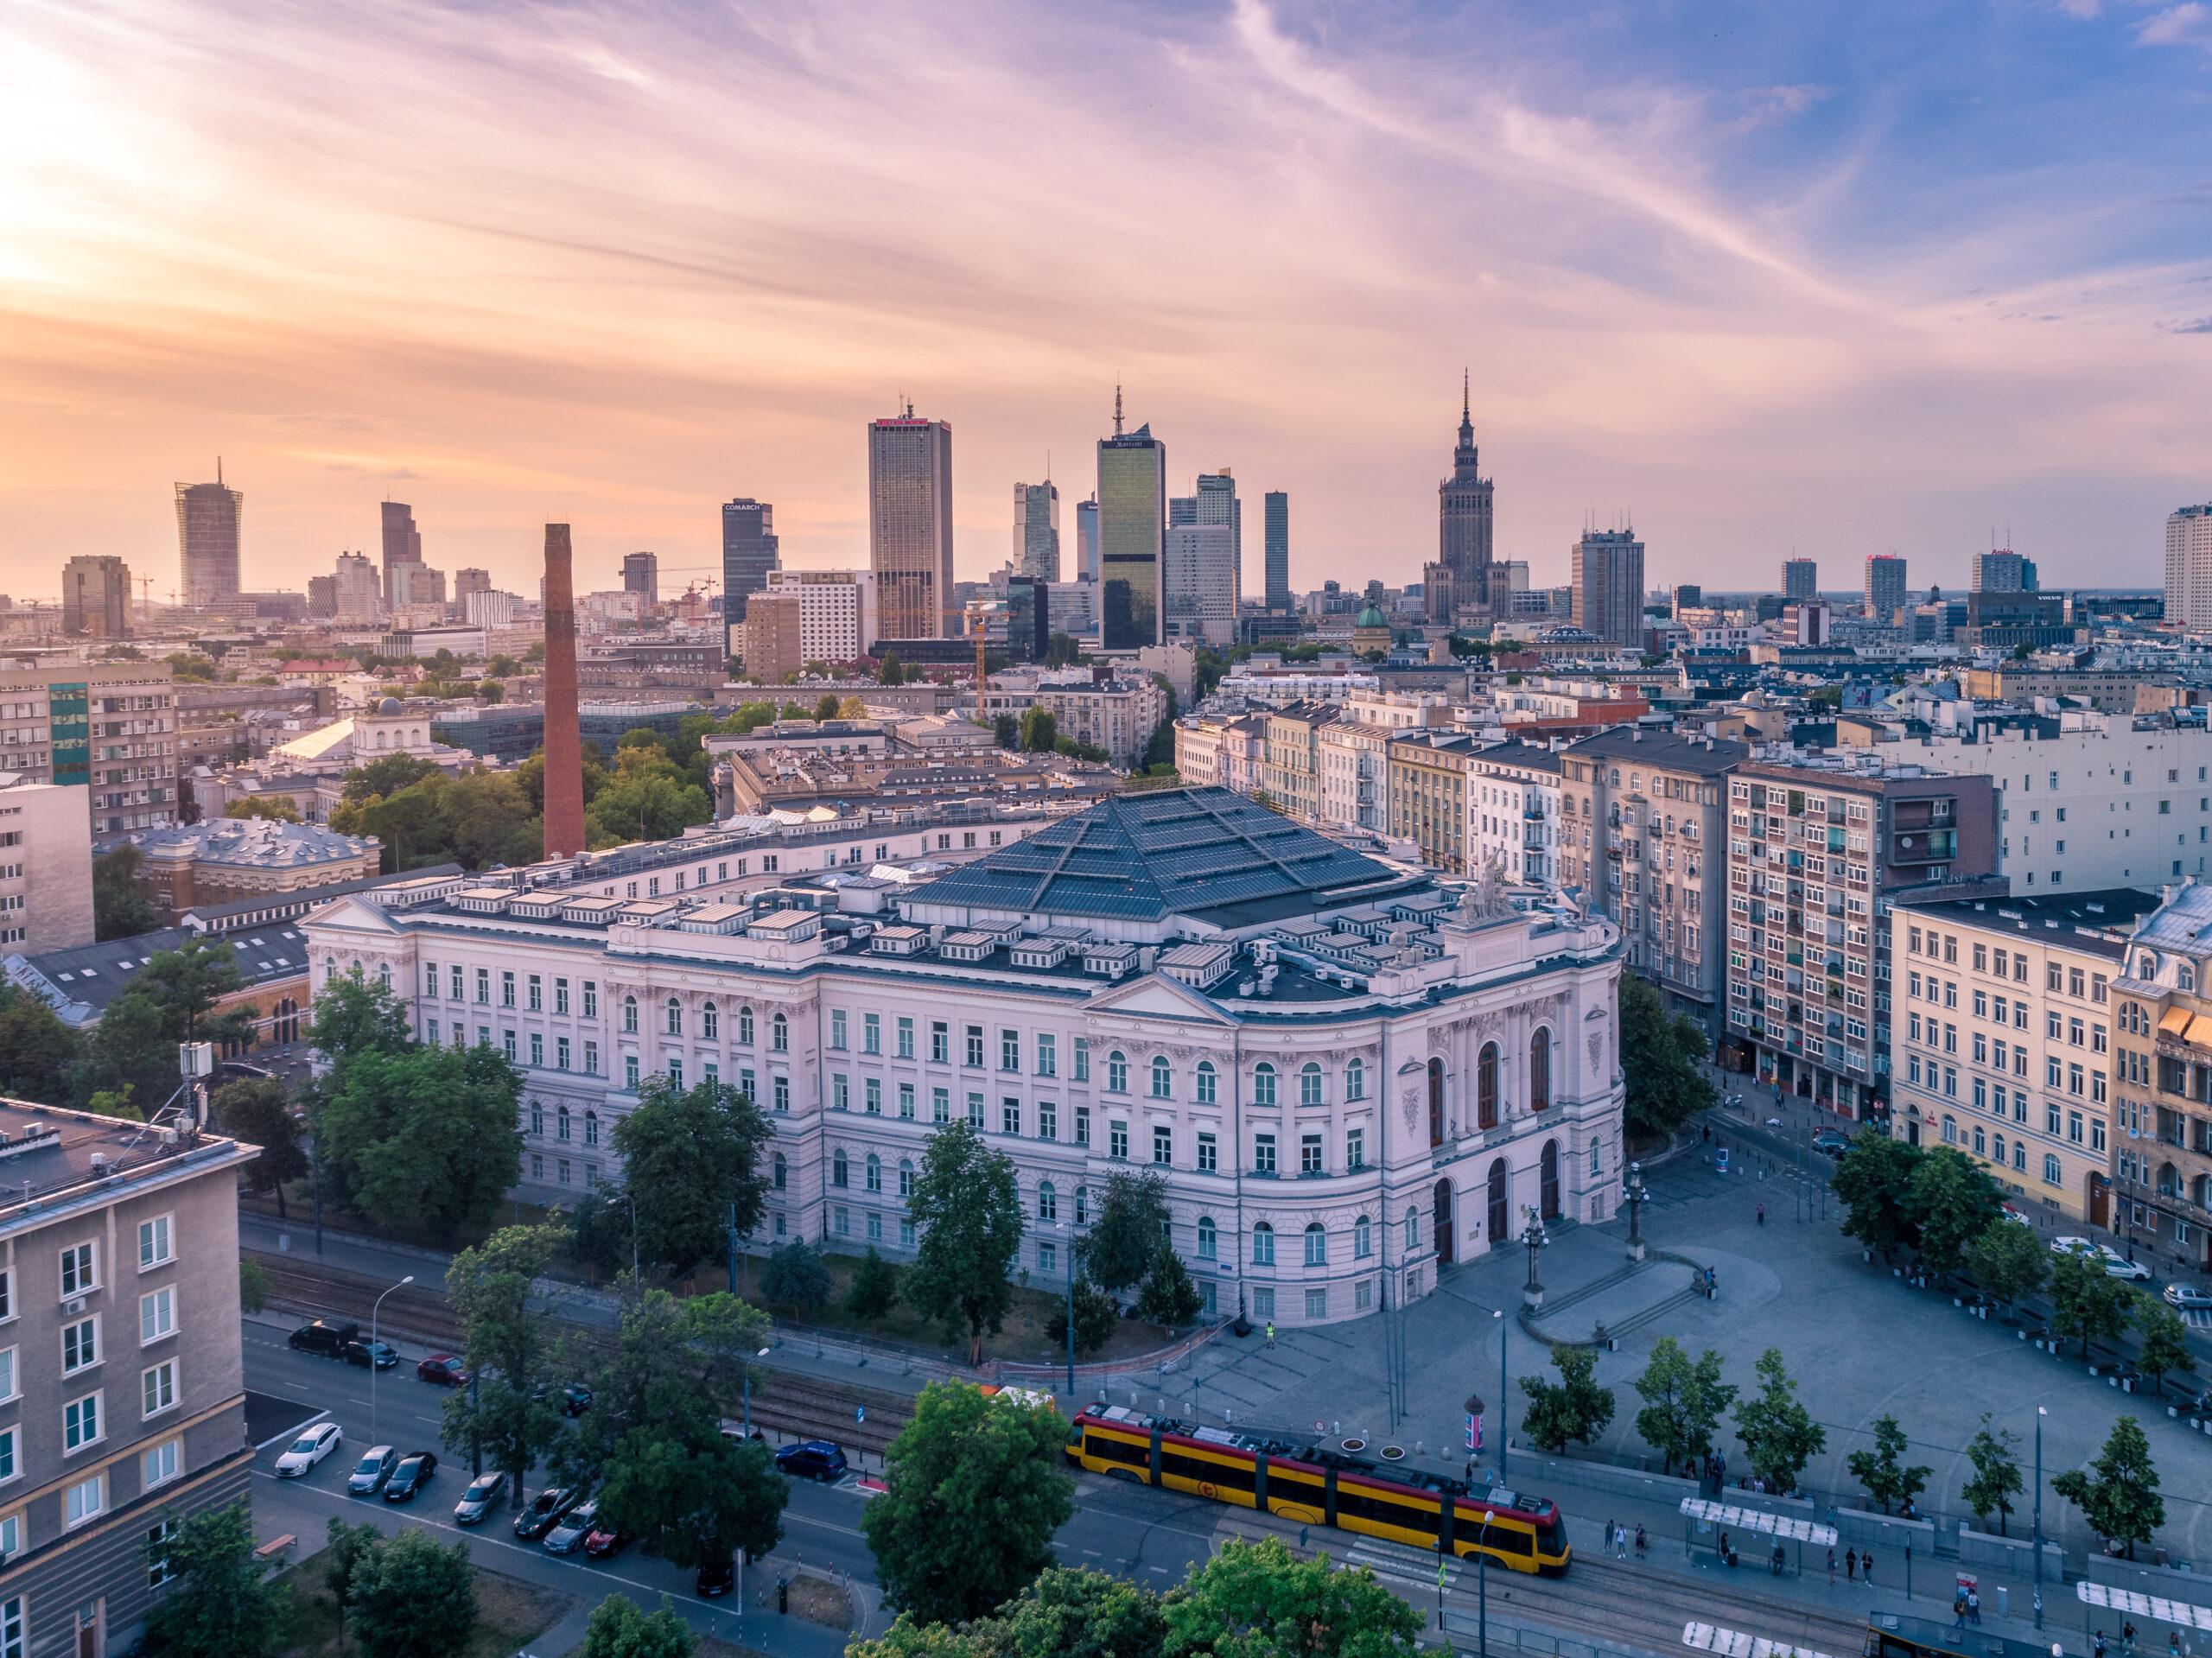 Dzielnica Ursynów w Warszawie